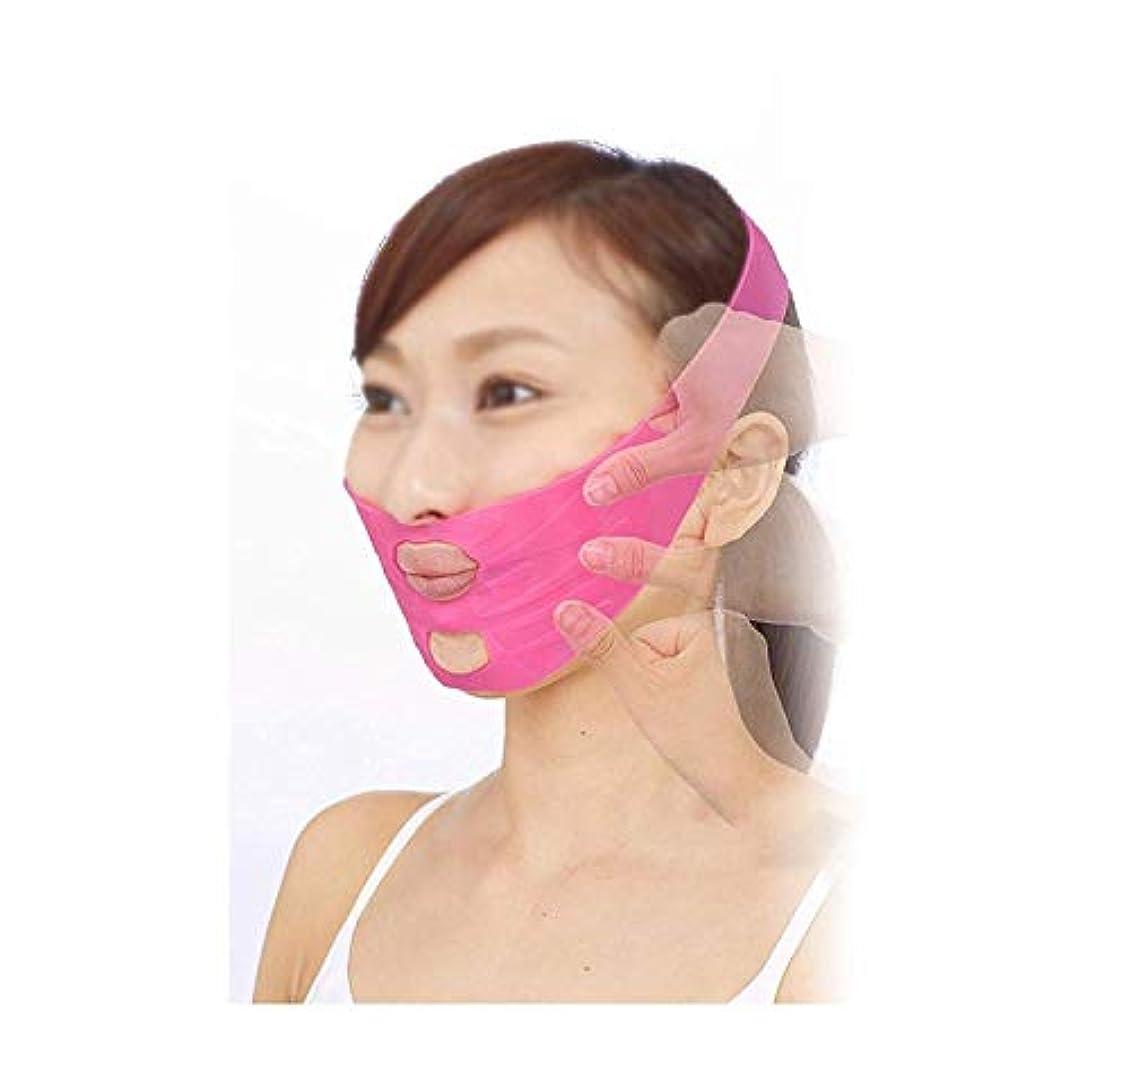 略す前売問い合わせるフェイシャルマスク、リフティングアーティファクトフェイスマスク垂れ下がった小さなVフェイスバンデージ付きの顔 スリーピングフェイスダブルチンチンセットスリープエラスティックスリミングベルト